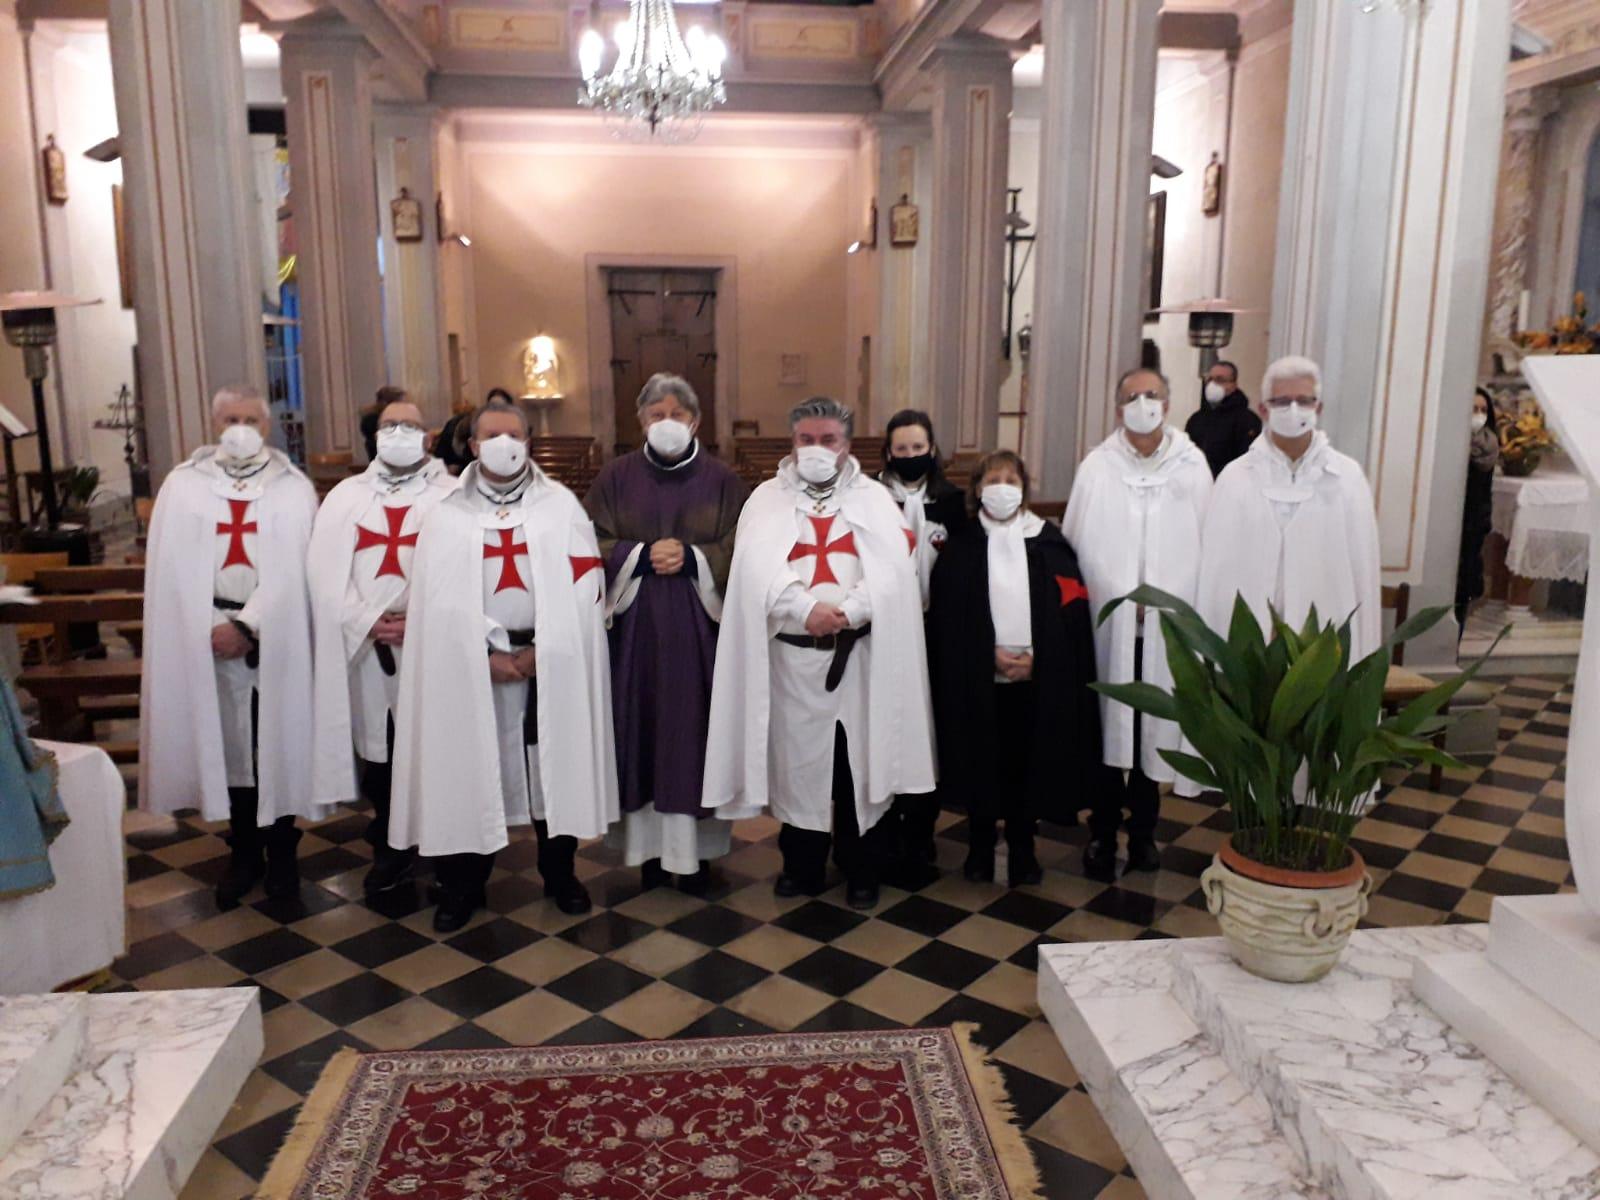 Partecipazione Santa Messa delle ceneri – Chiesa San Donato Vescovo e Martire – Bigliolo di Aulla (MS) 17.02.2021